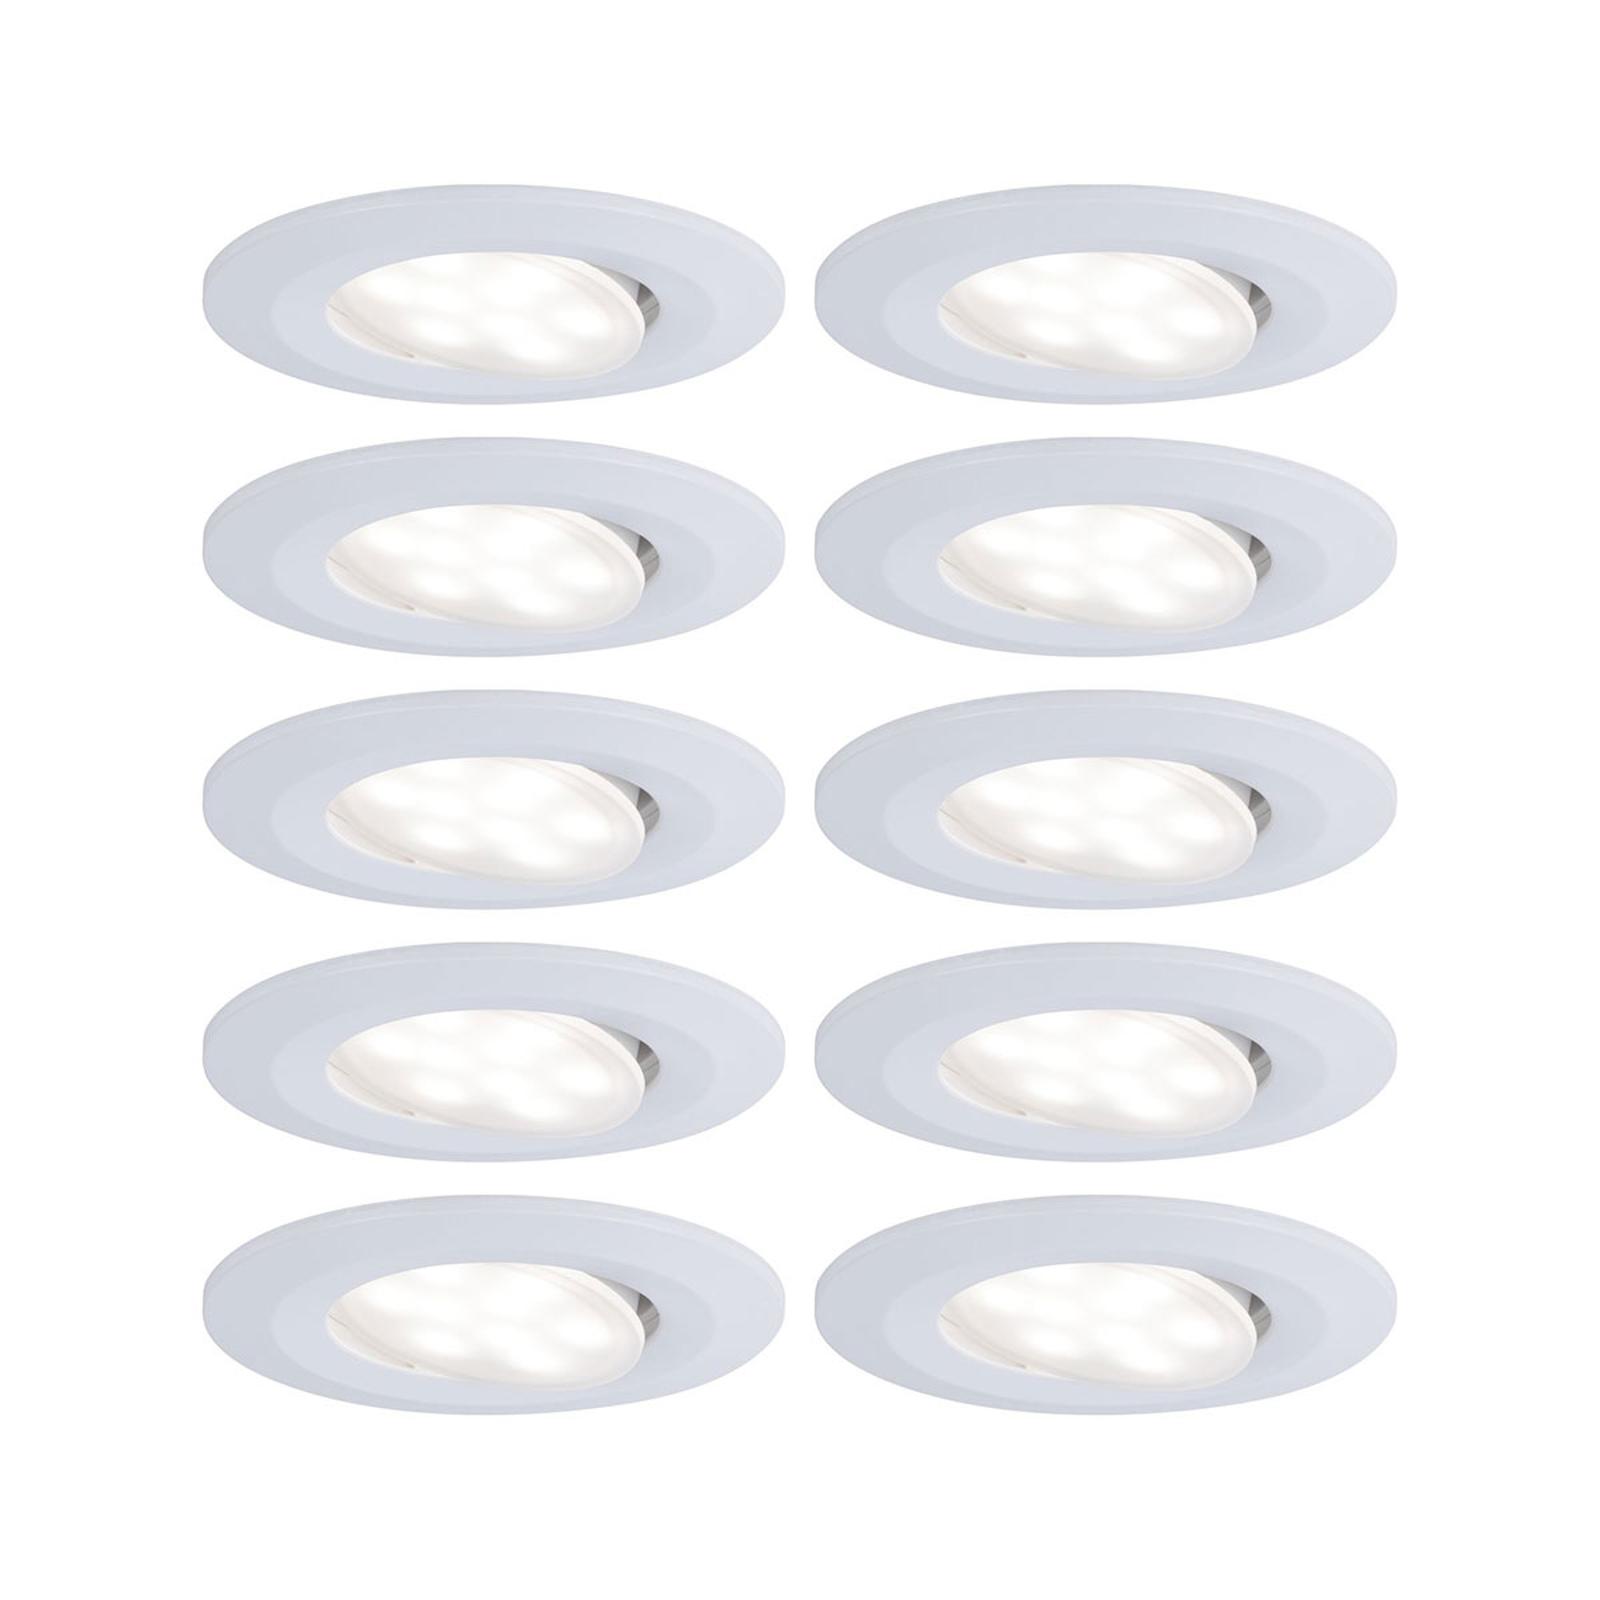 Paulmann Calla udendørs LED-spot 10 stk hvidt